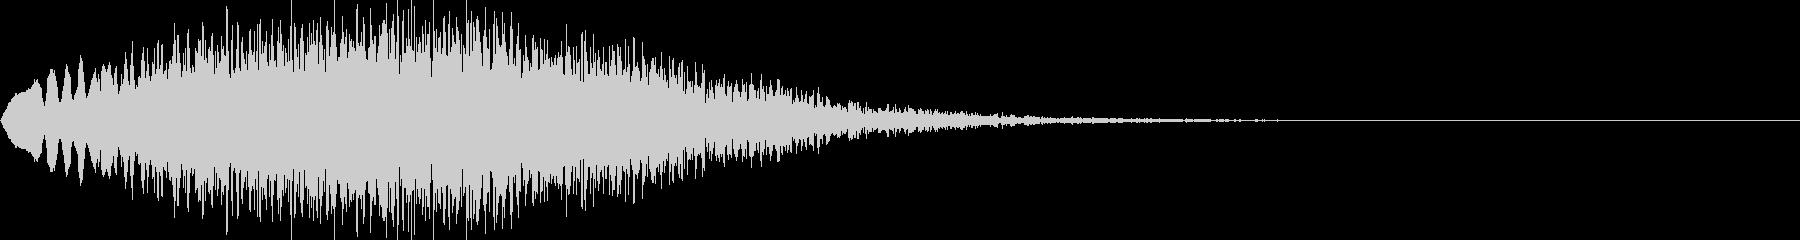 キラキラ04(上昇)の未再生の波形